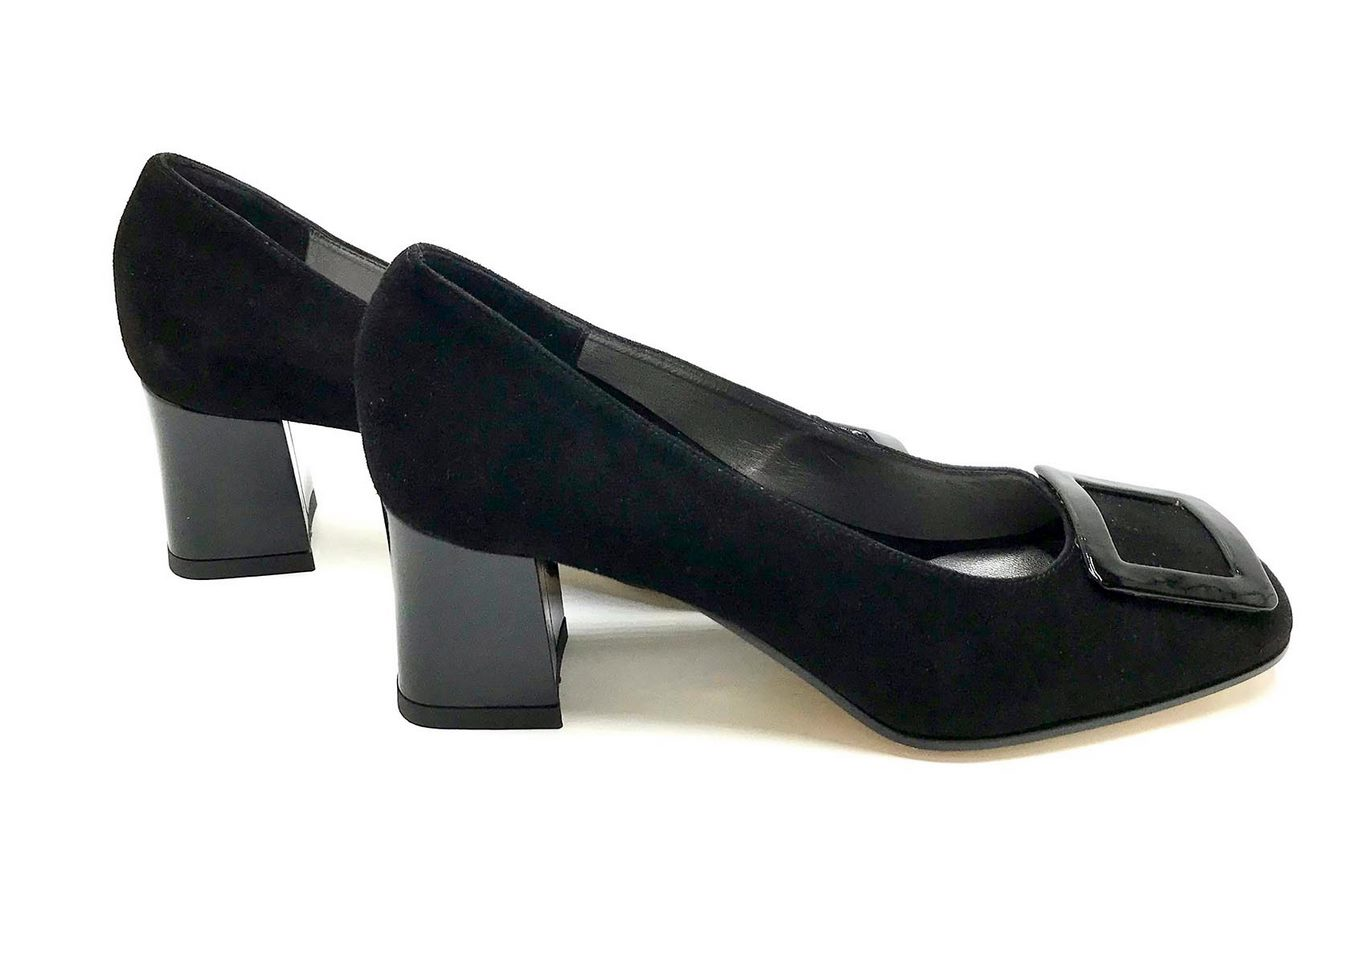 Décolleté Heel 5cm upper in Black Suede, heel and buckle in patent Red